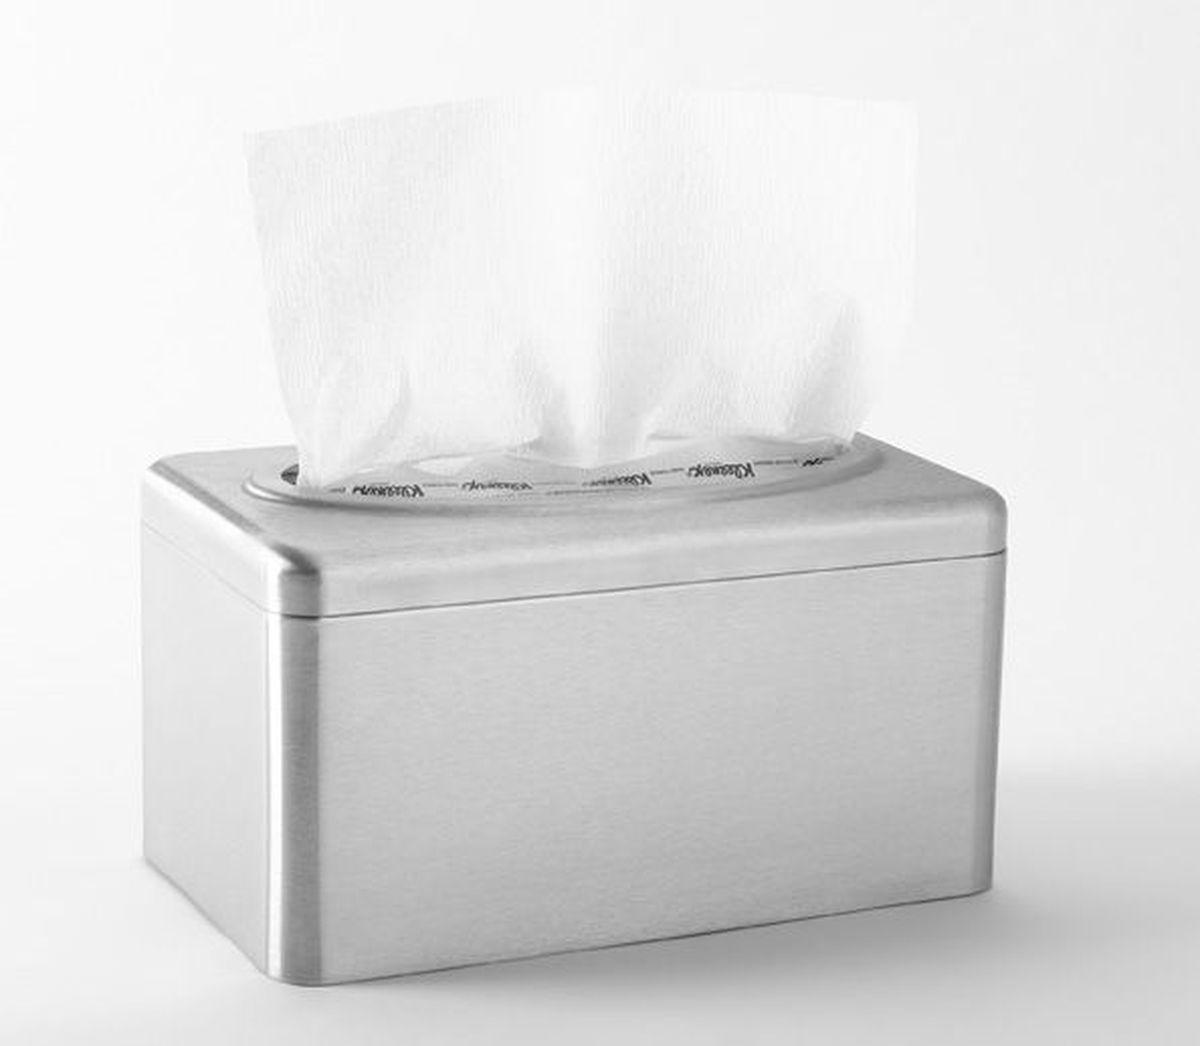 Диспенсер для бумажных полотенец Kimberly-Clark Professional. Рор-Up. 99249924Ассортимент диспенсеров для сложенных бумажных полотенец для рук с выдачей по одному листу из скоординированной линейки диспенсеров для туалетных комнат. Диспенсеры мотивируют сотрудников соблюдать гигиенические нормы, повышают уровень комфорта, демонстрируют заботу о персонале и помогают сократить расходы. Идеальное решение, обеспечивающее подачу по одному листу полотенец для рук KLEENEX® из коробки Pop-Up, добавляет элемент роскоши в интерьер туалетных комнат, может использоваться в условиях ограниченного пространства в туалетных комнатах офисов и гостиниц с высокими требованиями к интерьеру; обеспечивает экономию средств и отличается простотой обслуживания. Формат поставки: элегантный диспенсер; надежное крепление, возможность аккуратной заправки; корпус обетакемой формы с отделкой из нержавеющей стали. В упаковке 2 штуки. Совместим с салфетками KLEENEX® 1126.